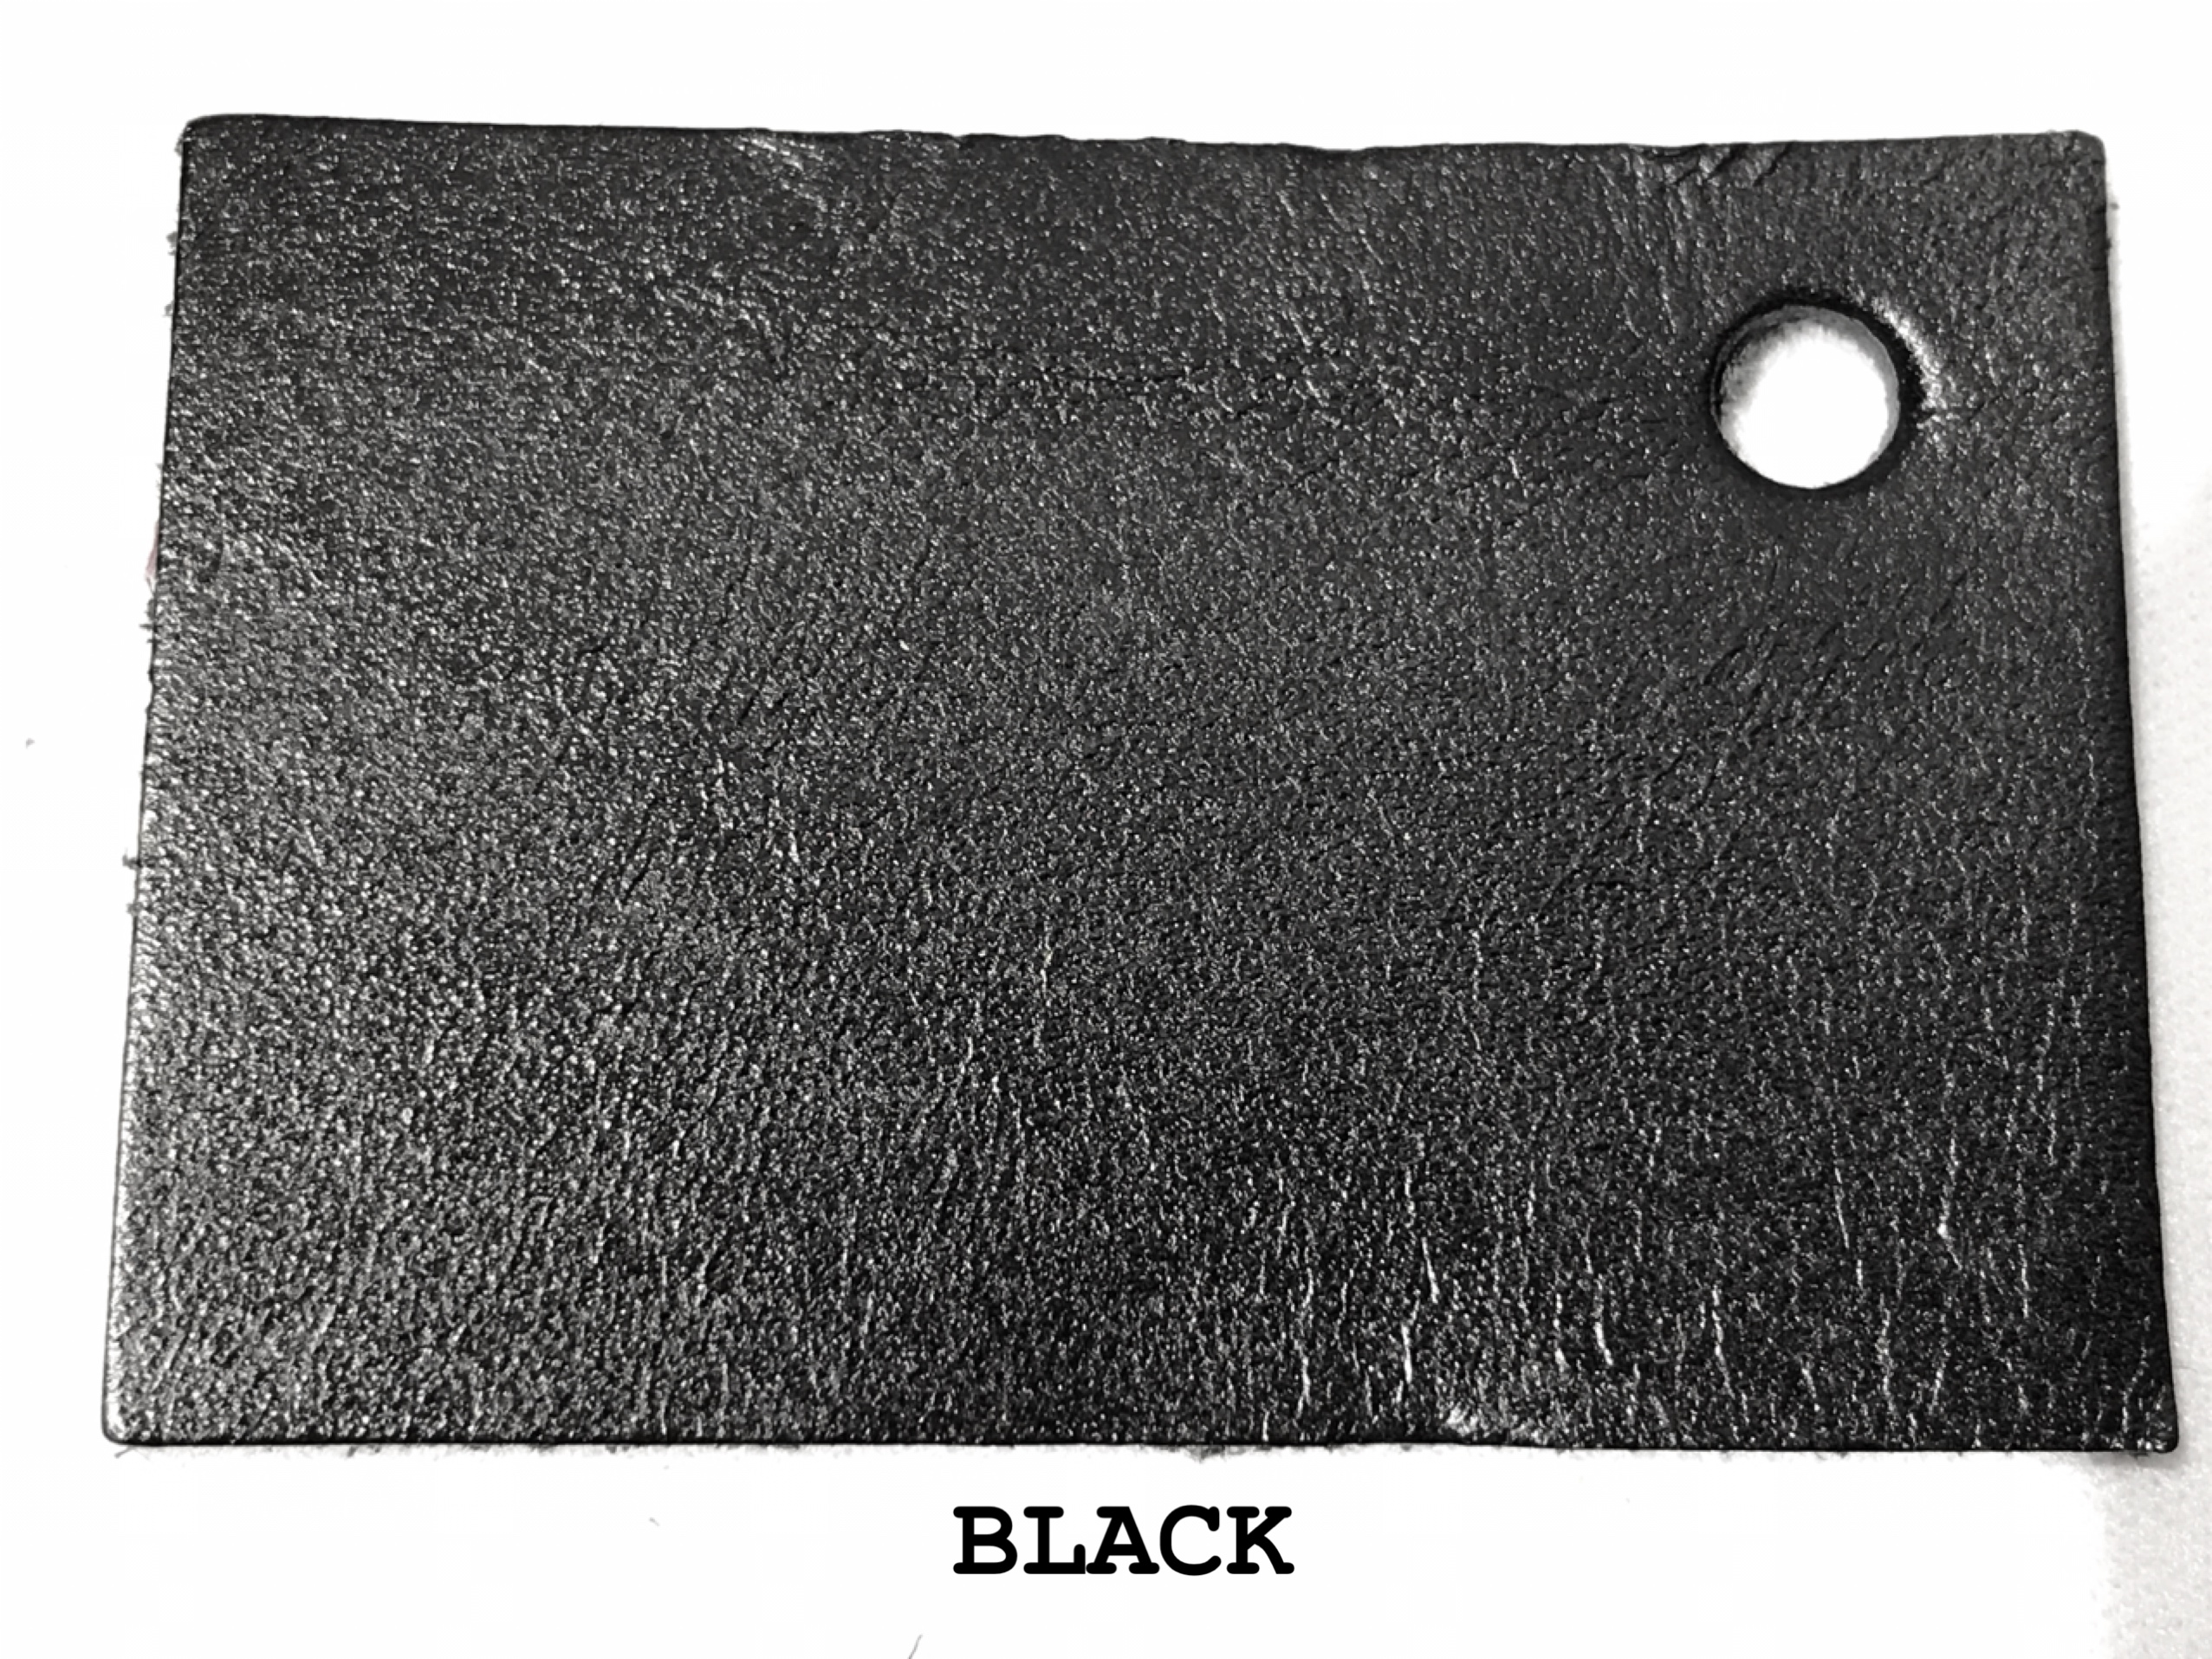 ルガトーレザー仕様ベルト ブラック